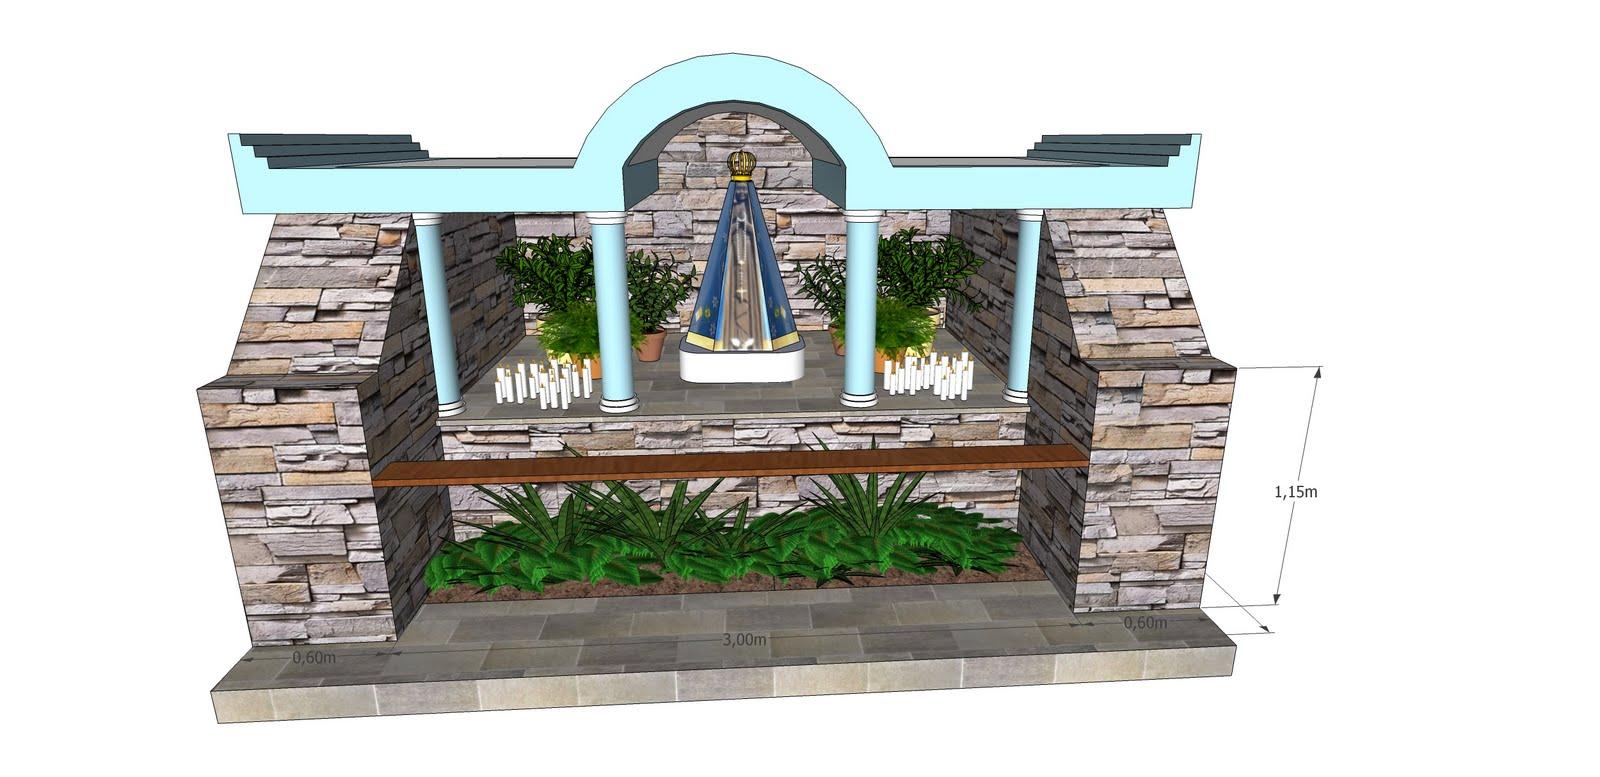 projeto de gruta de jardim : projeto de gruta de jardim:NineArqBlog: Gruta Nossa Senhora Aparecida Boa Vista do Incra